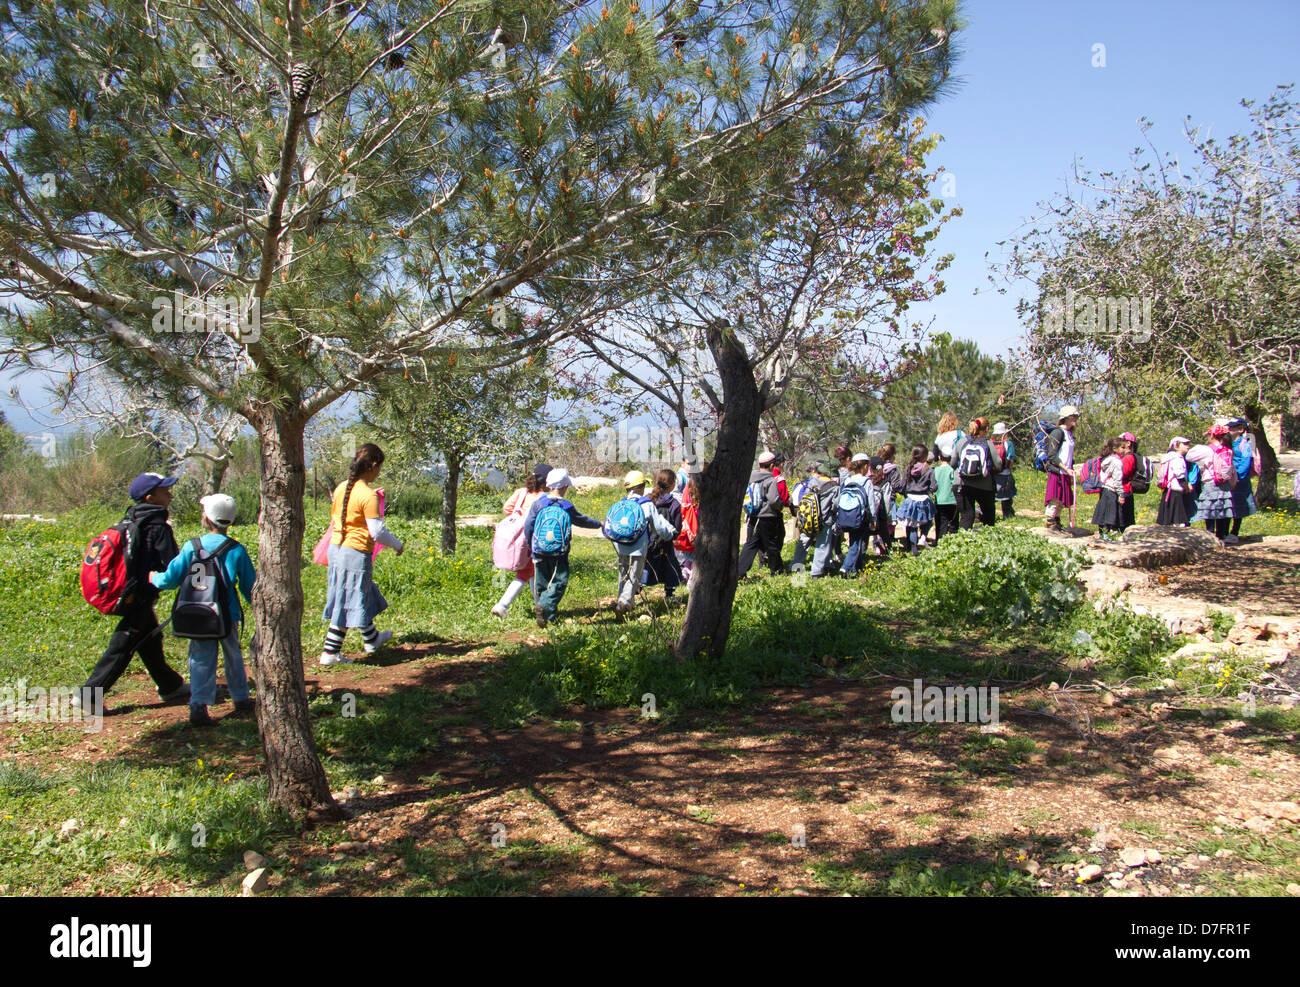 Les élèves de l'école primaire visite Adamit Park en Haute Galilée, Israël Photo Stock